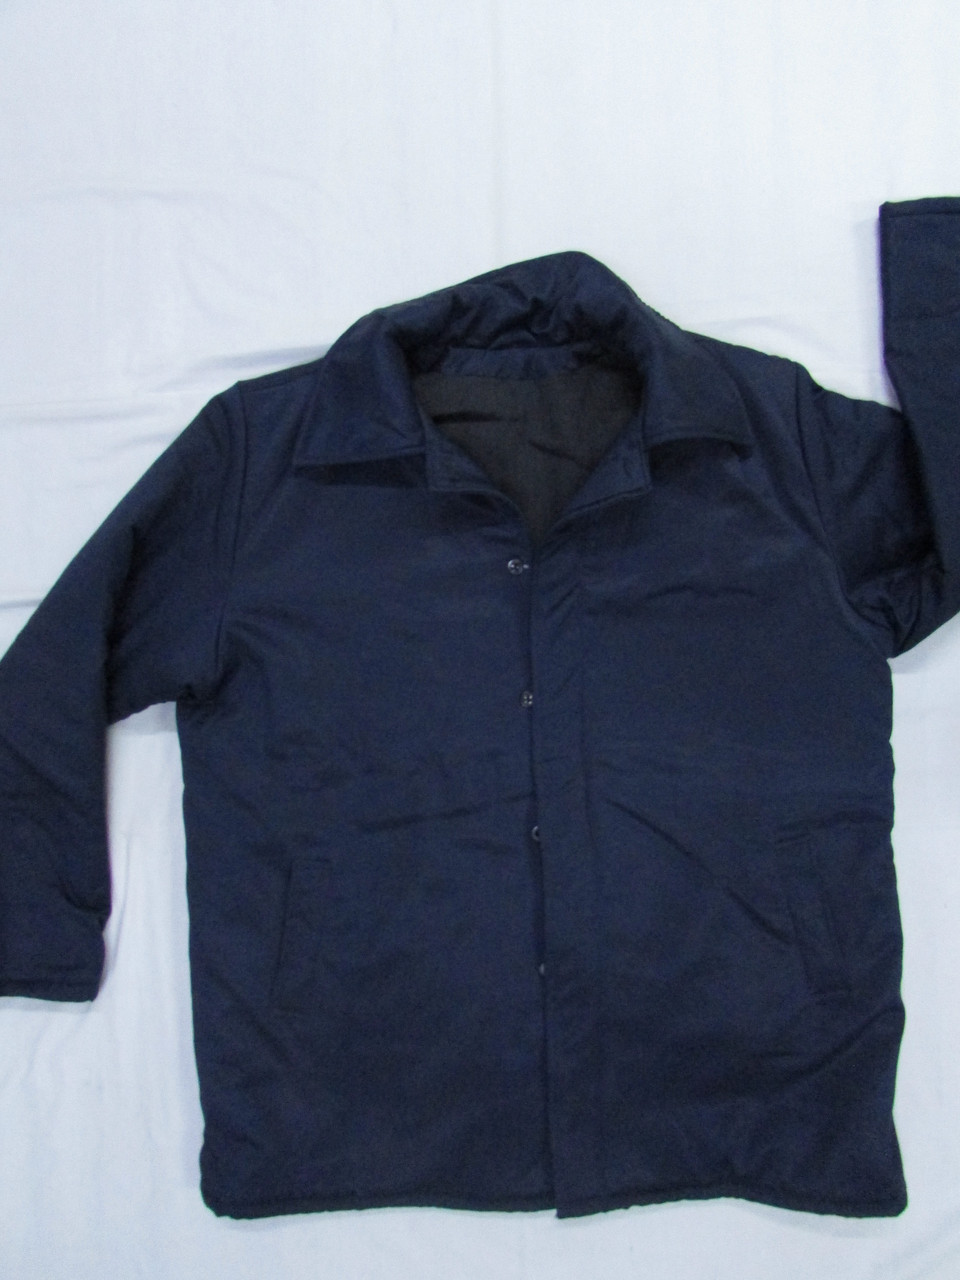 Куртка утепленная ватная рабочая